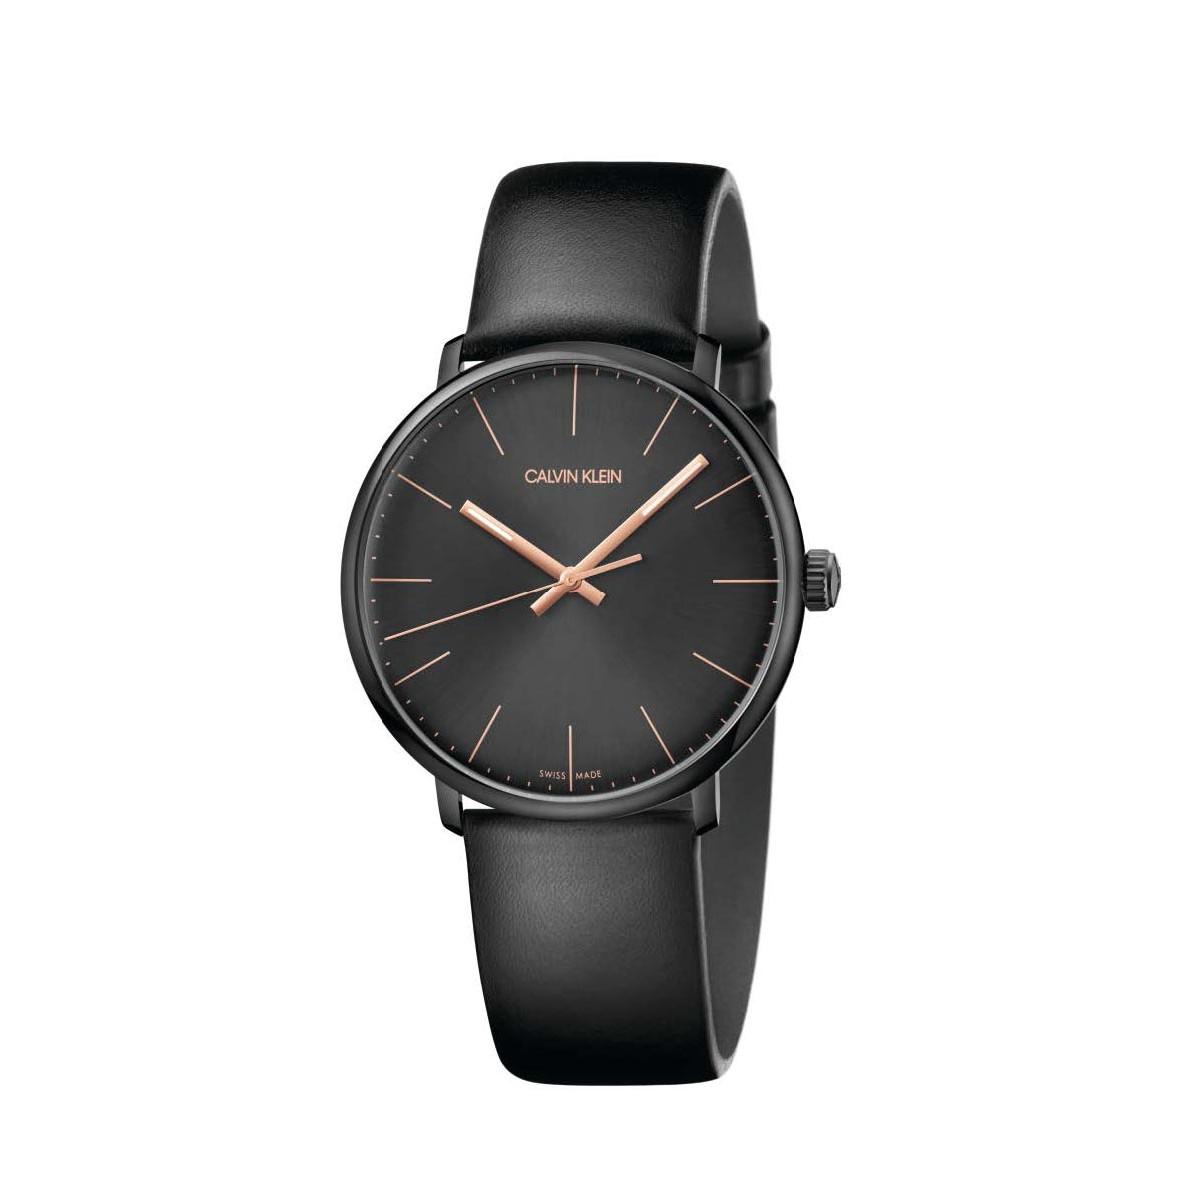 Đồng hồ Calvin Klein K8M214CB Nam 40mm, Quartz (Pin), Thép không gỉ, mạ PVD